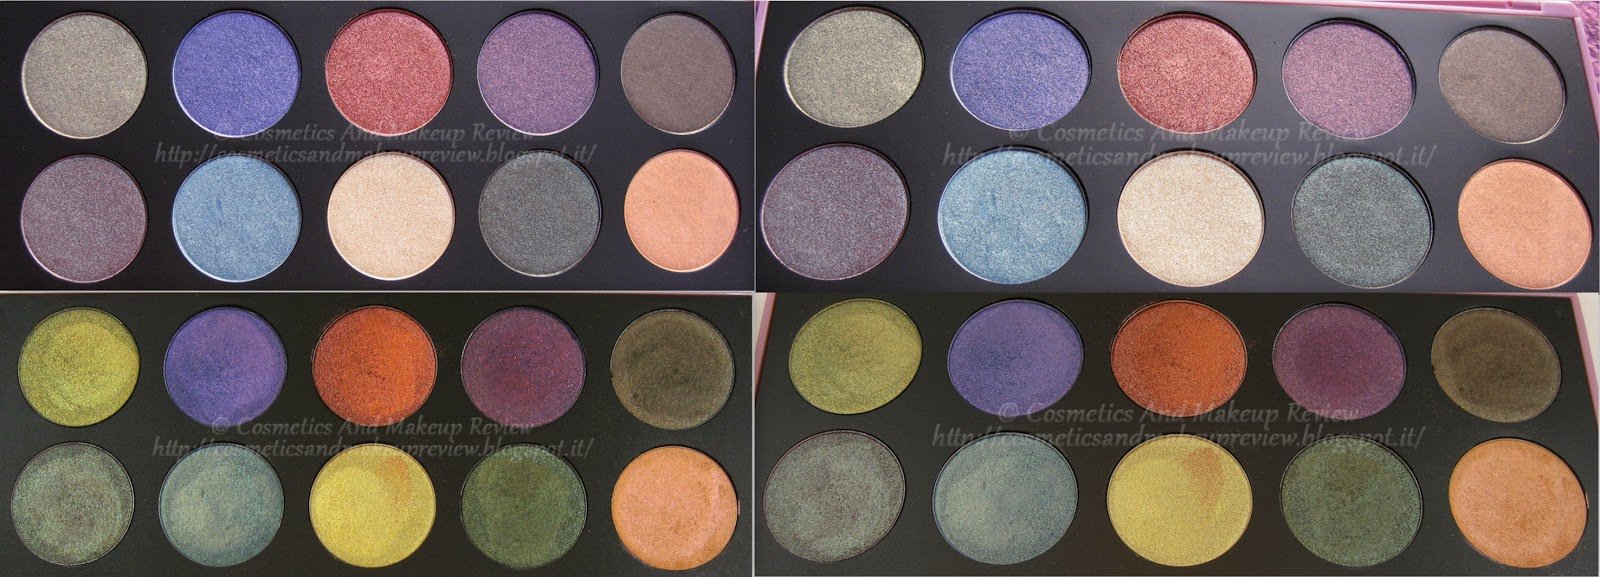 Neve Cosmetics - Palette Duochrome (2014) - cialde (sopra luce indiretta del sole, sotto luce artificiale neutra)